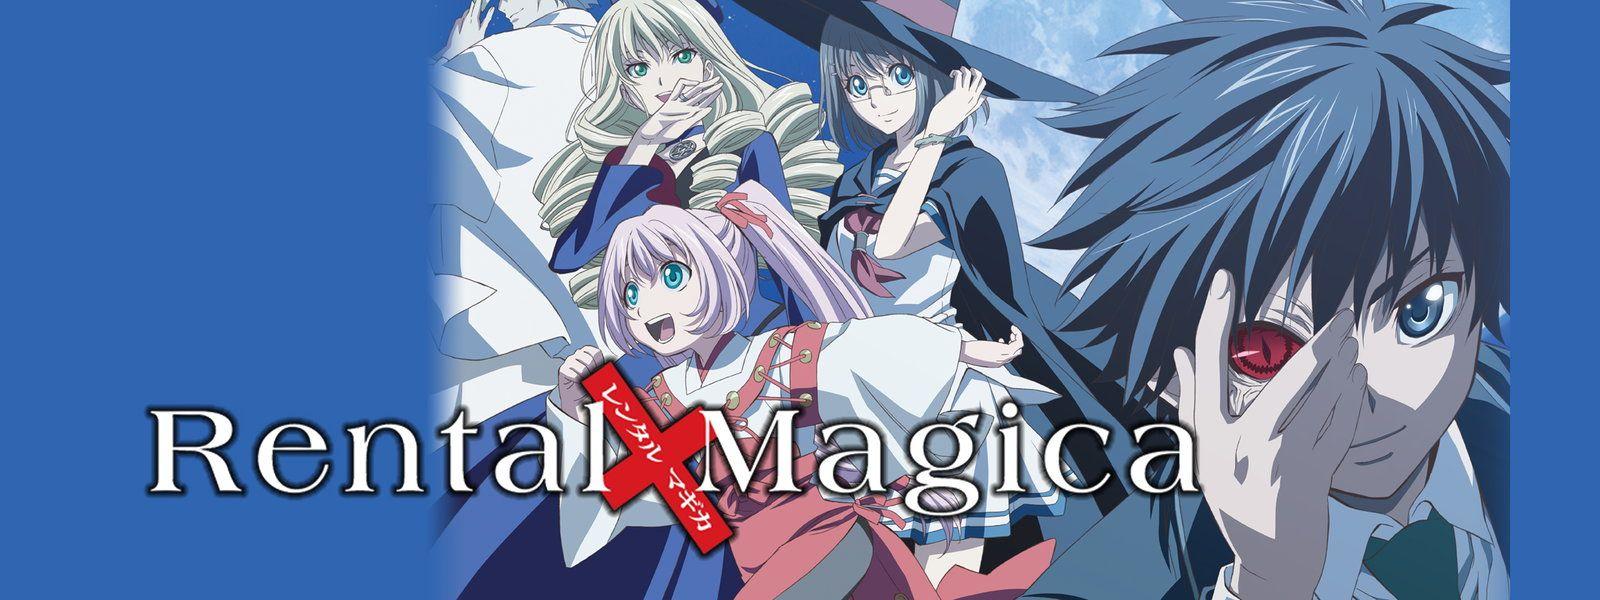 Rental Magica Anime, Rental, Hulu